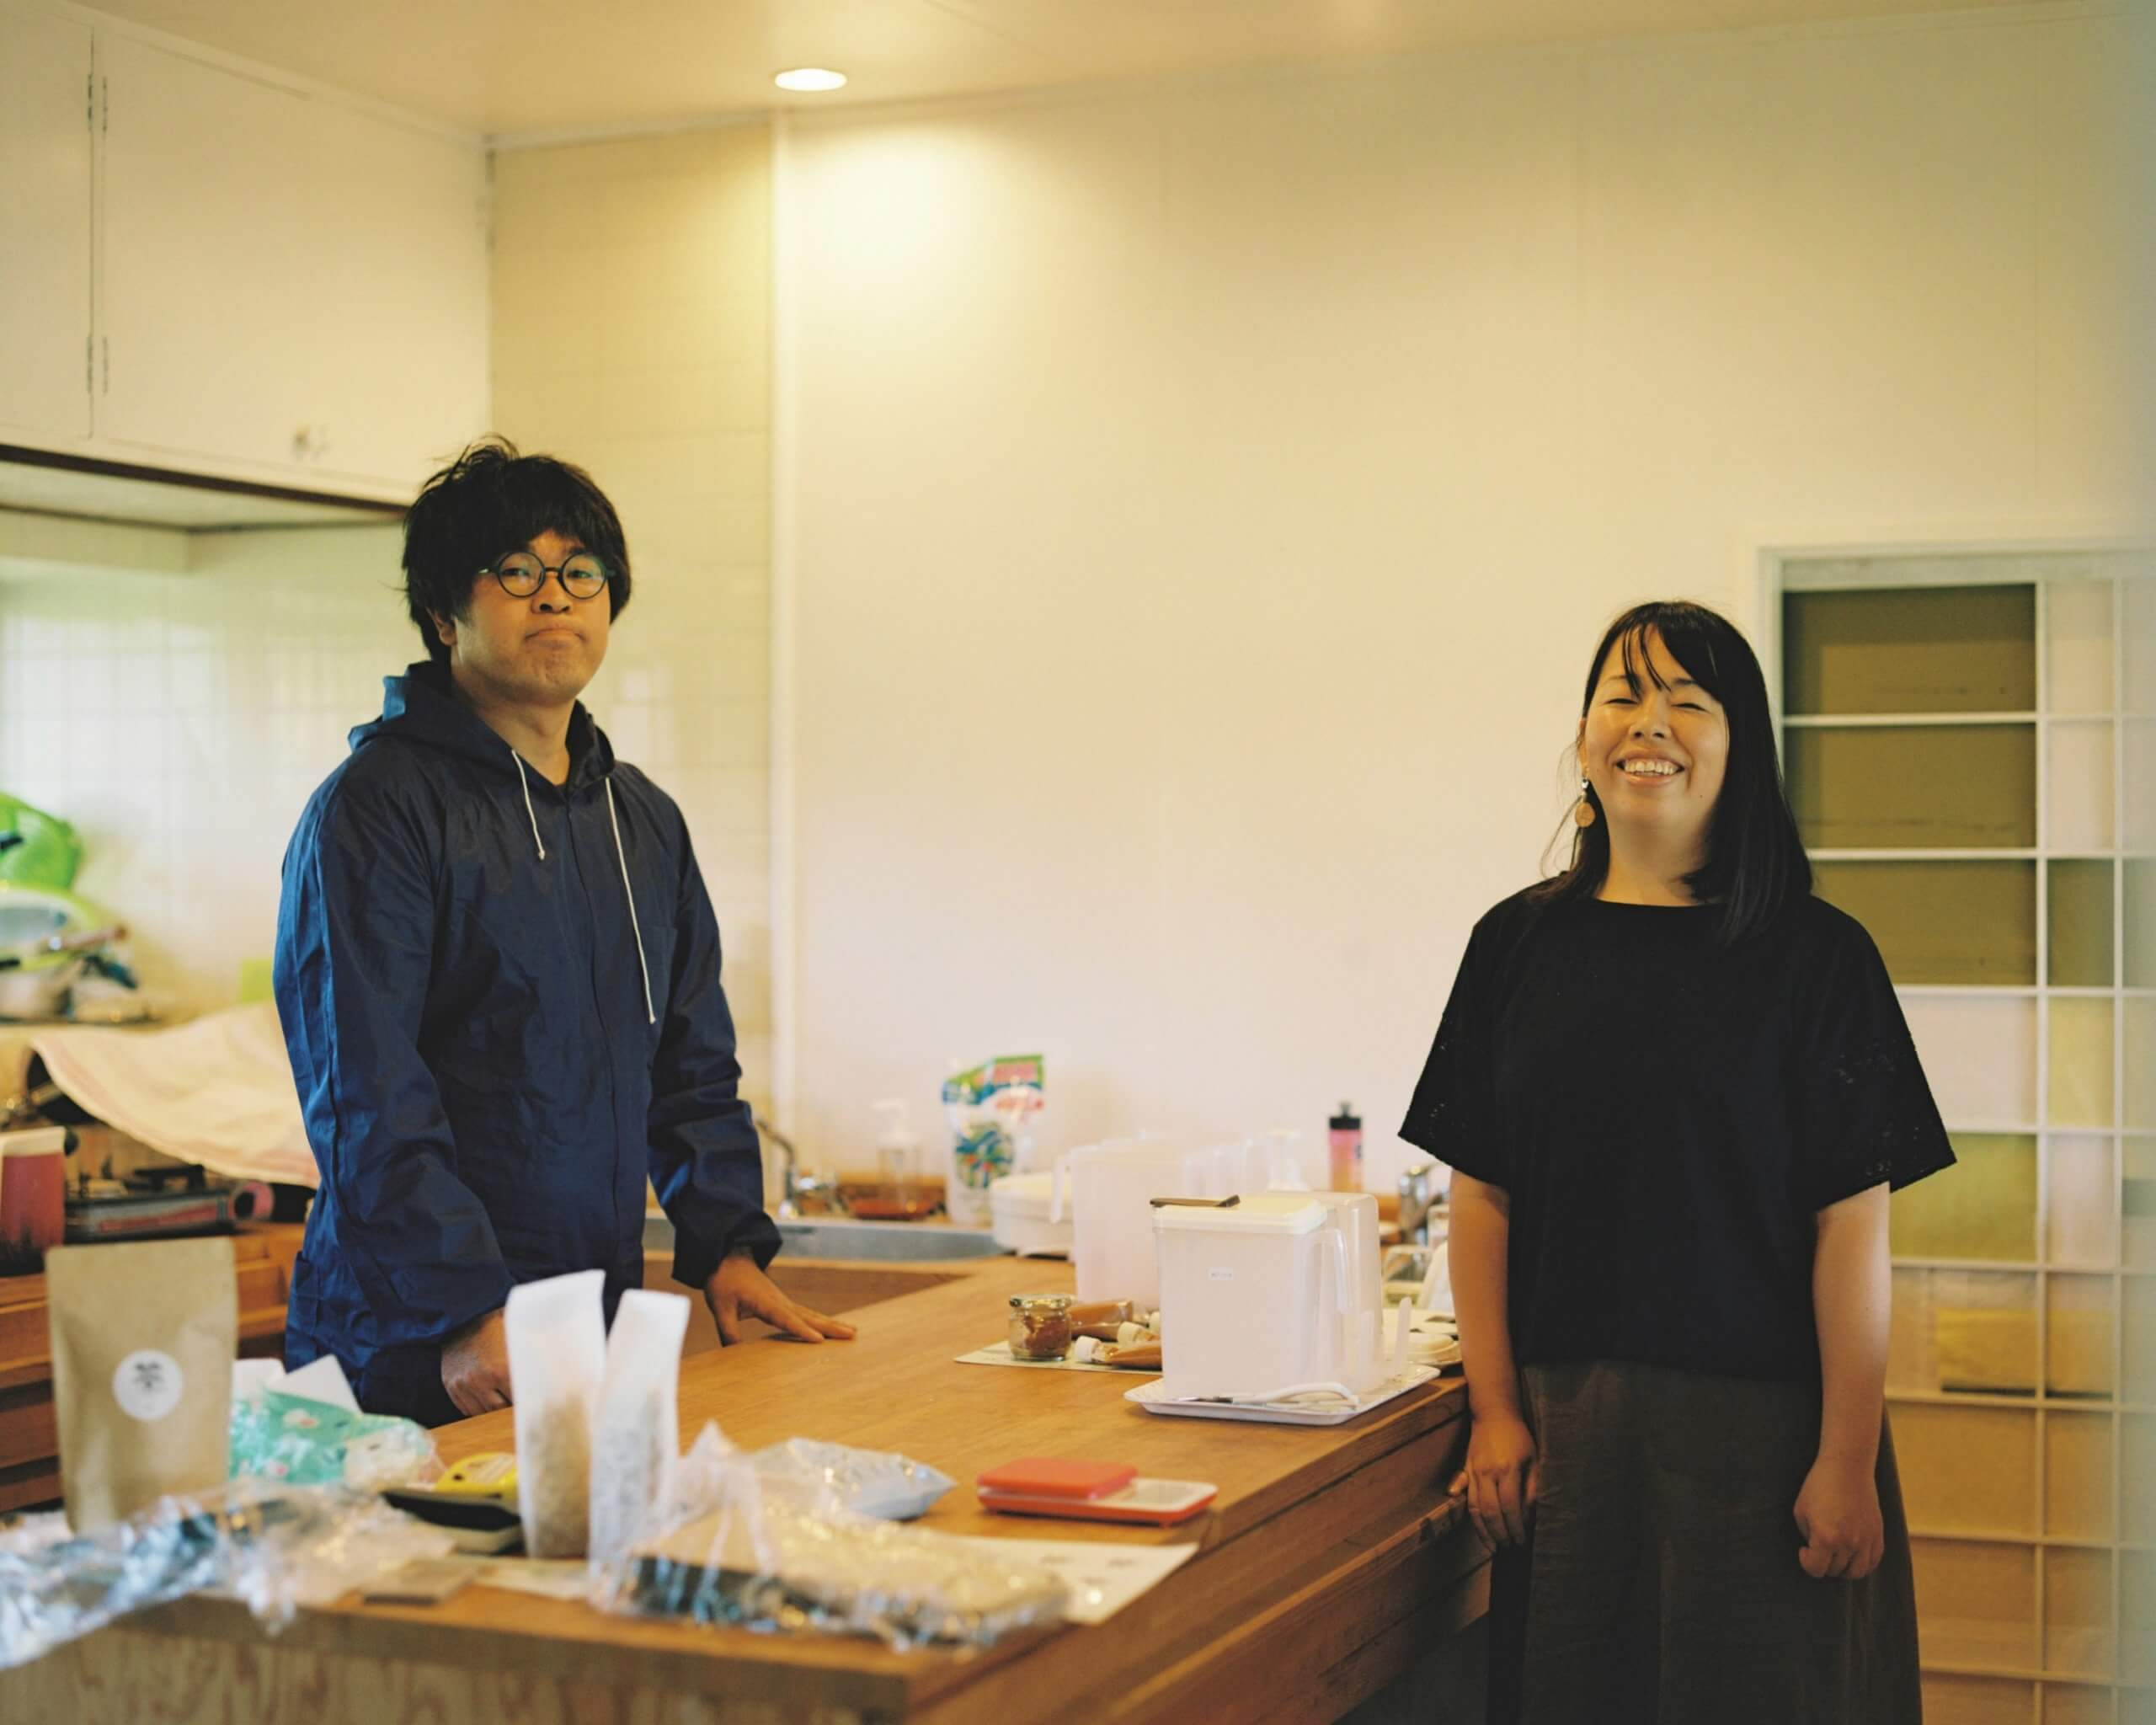 結婚した後も、それぞれが好きな仕事をやり続けている知香さんと祐星さんのえい会話|Ei Talk